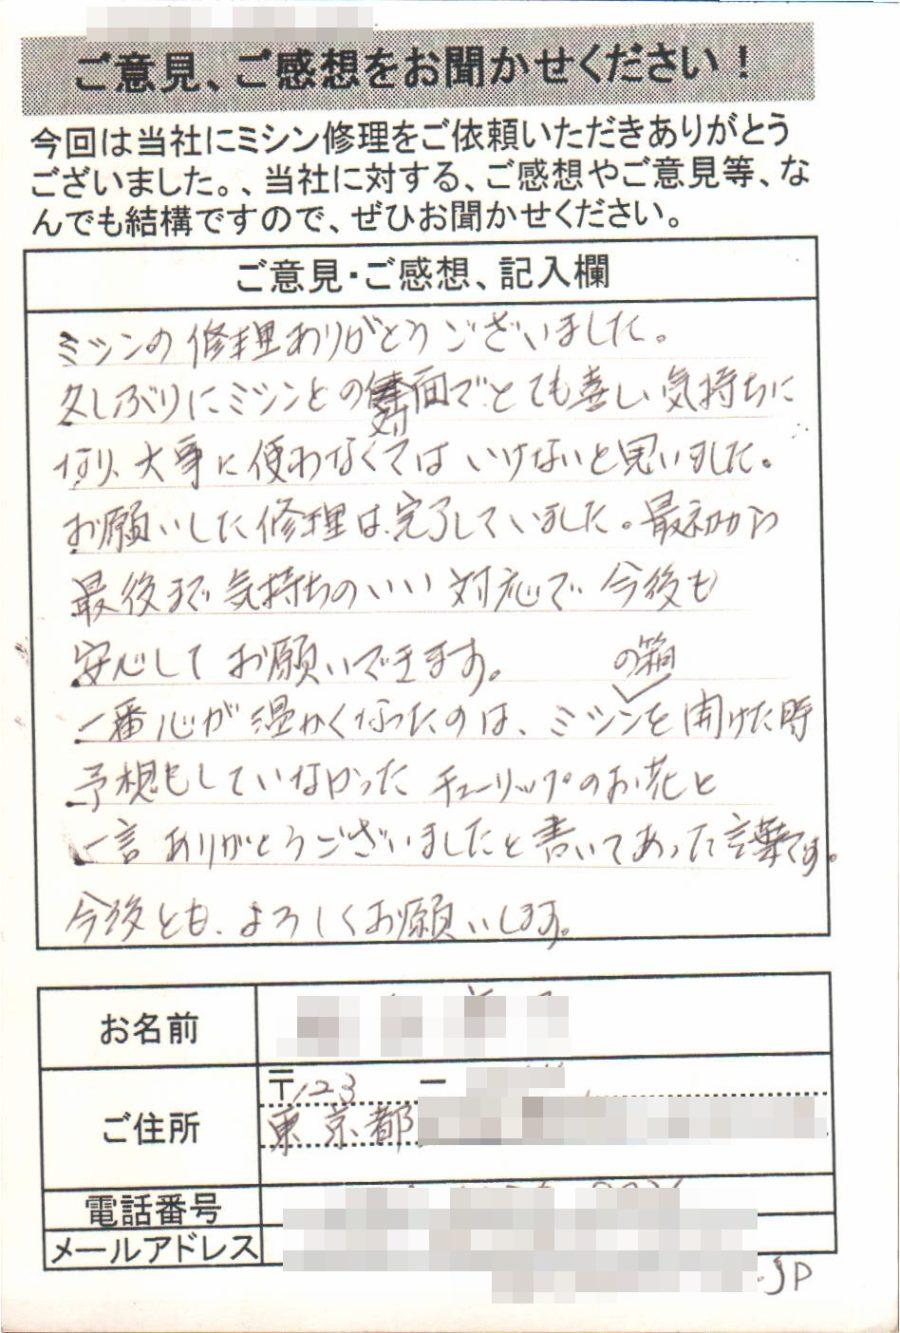 東京都からミシン修理のお客様の声